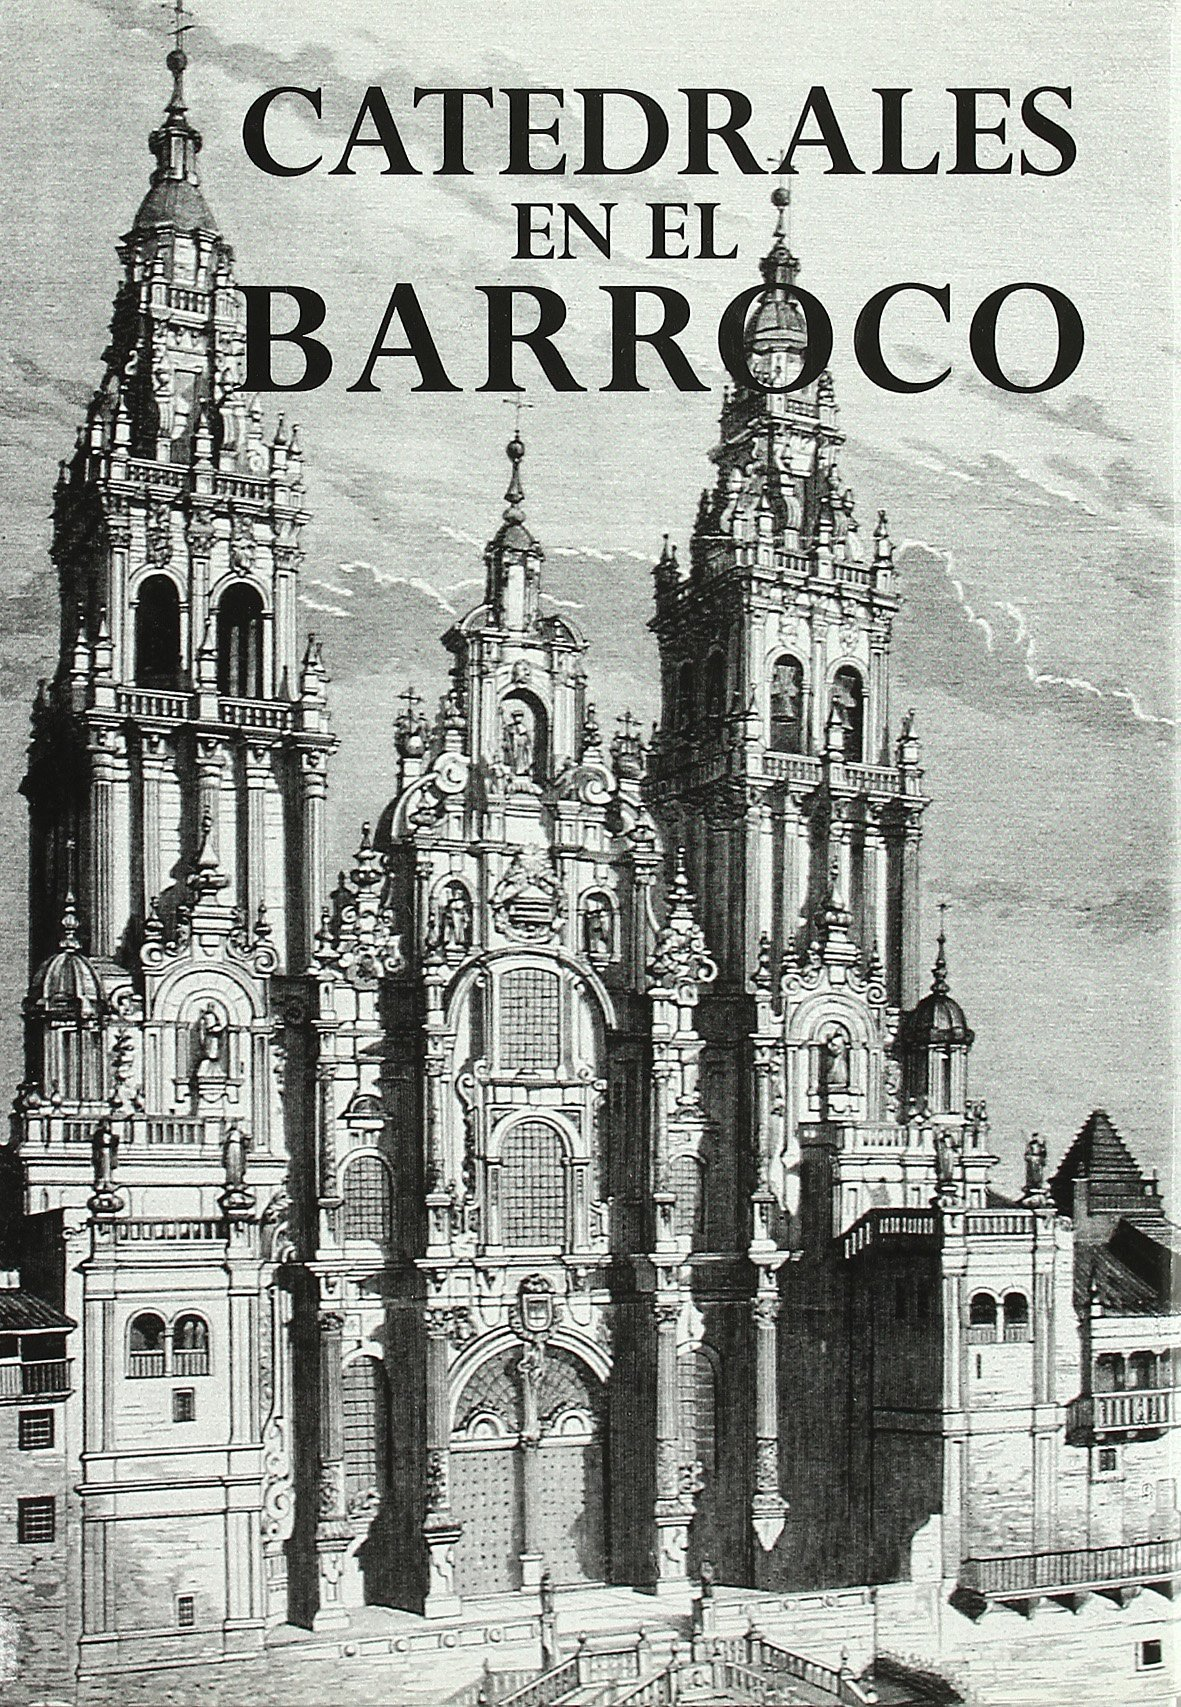 CATEDRALES DEL BARROCO (Catedrales de España): Amazon.es: Díaz ...